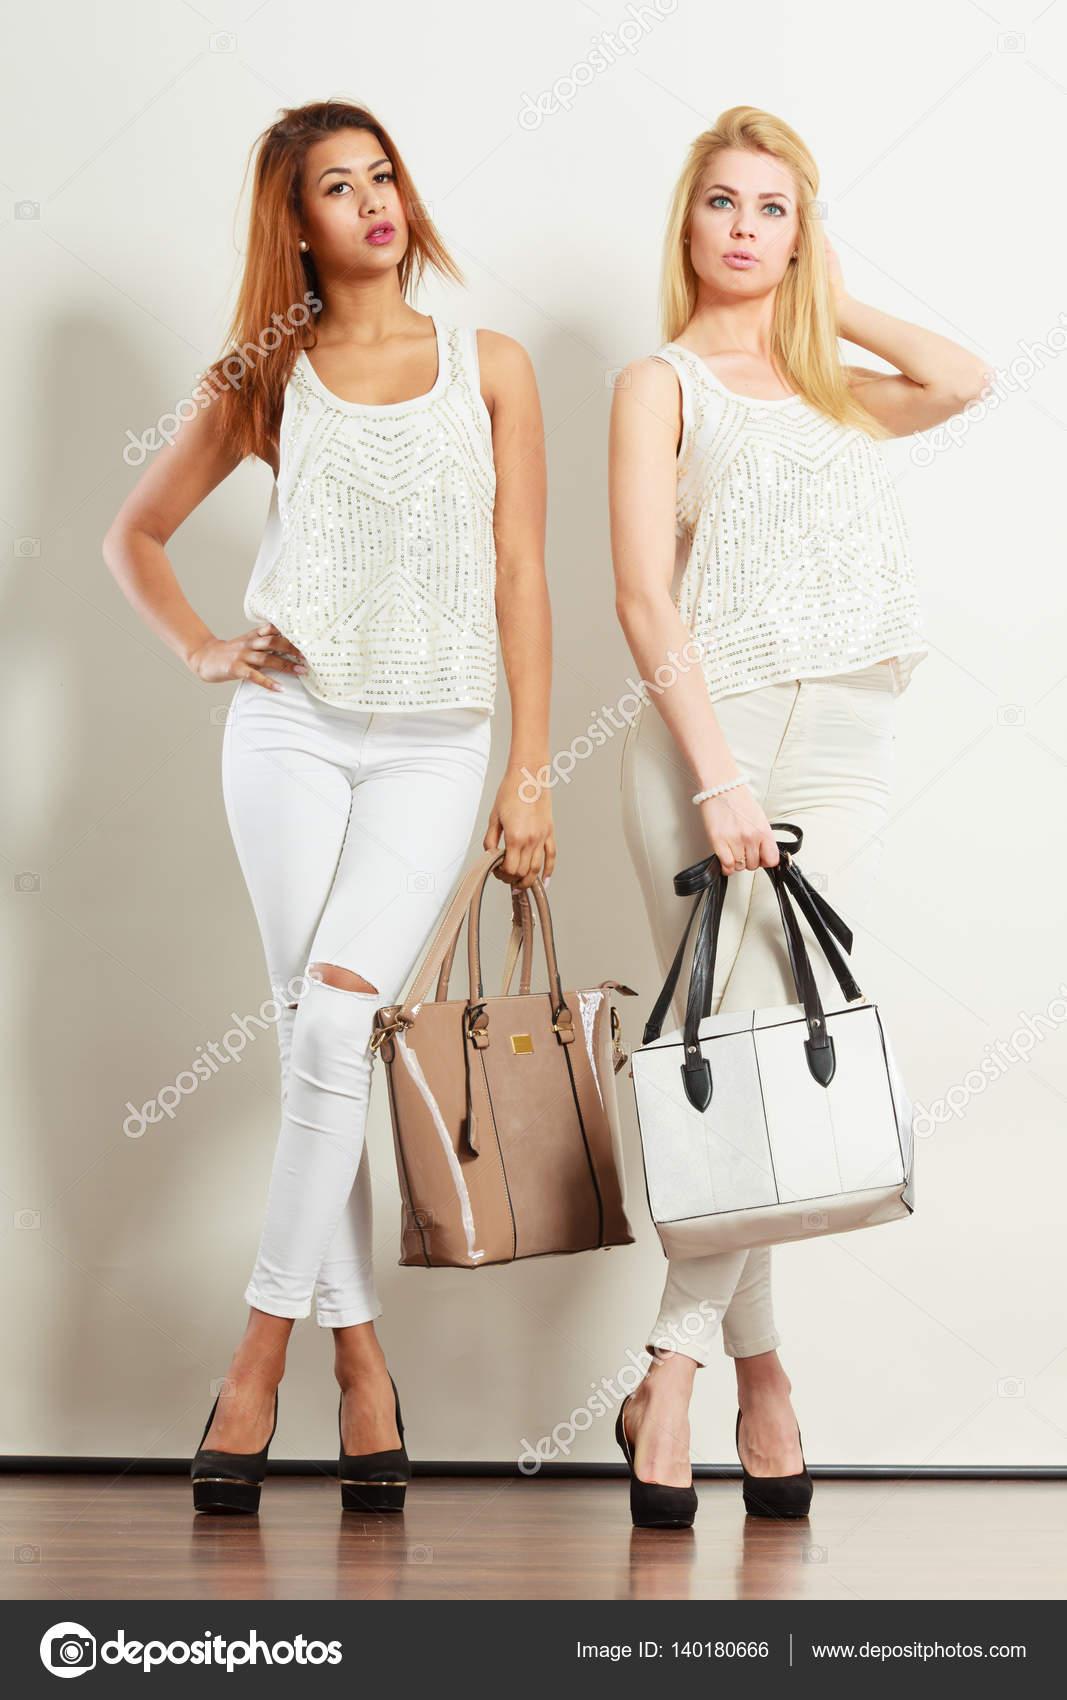 babc98eac Két nő a fehér ruhák, táskák-táskák — Stock Fotó © Voyagerix #140180666